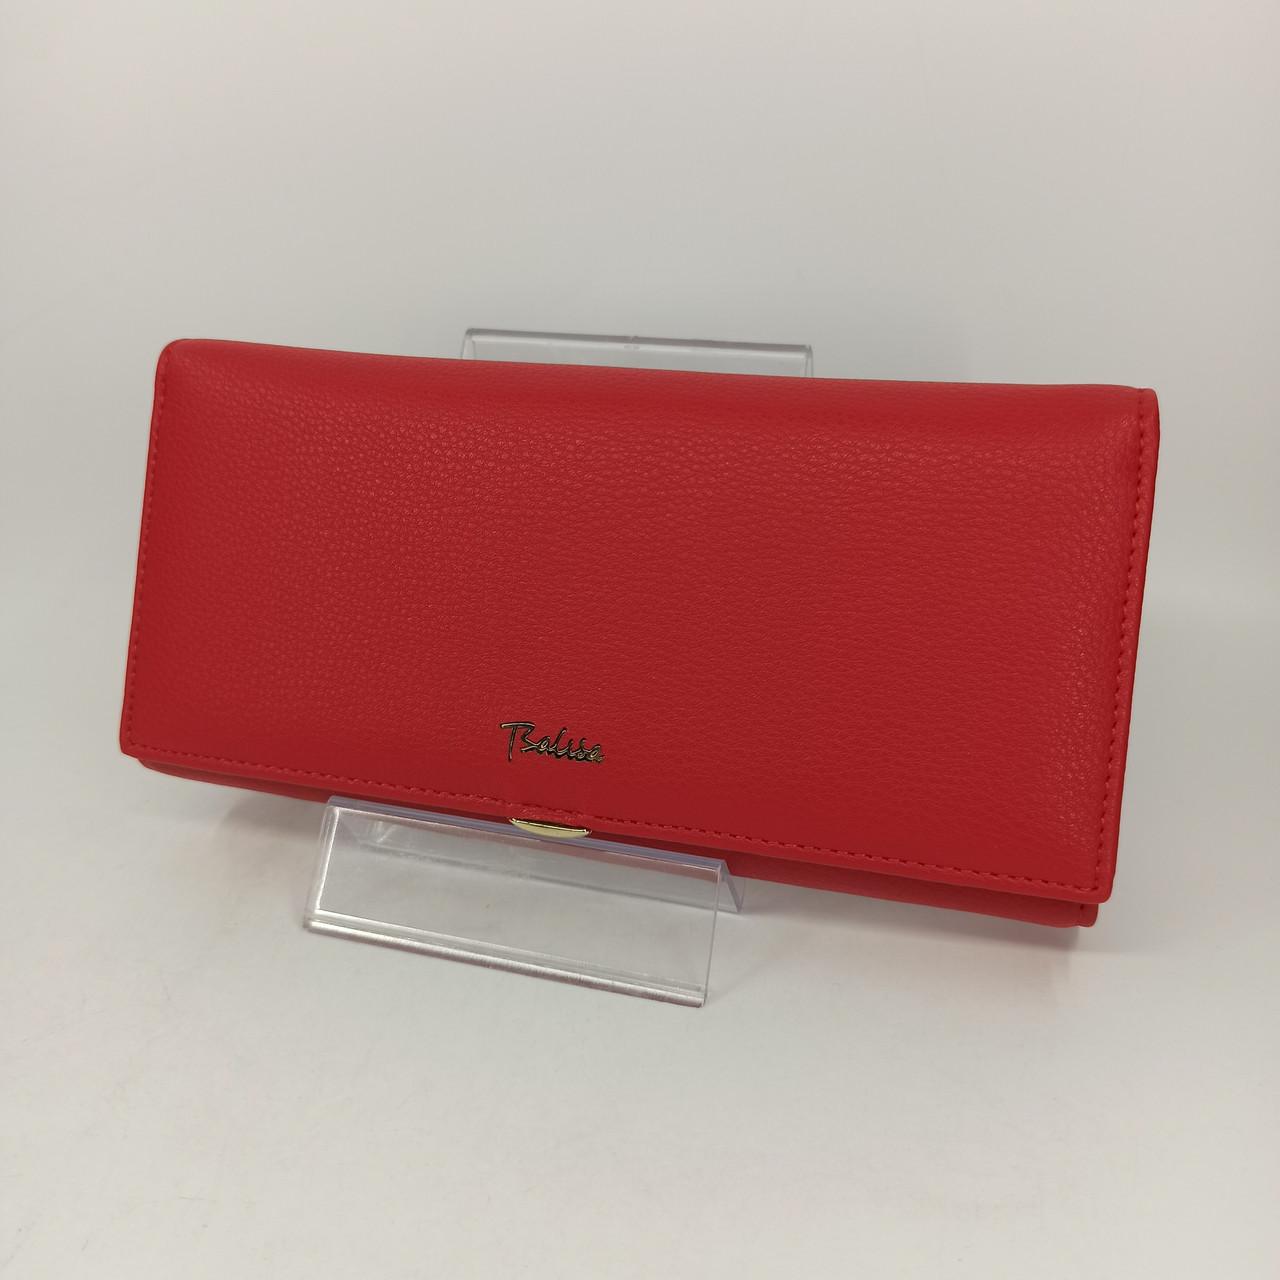 Класичний жіночий гаманець / Классический женский кошелек Balisa C88200-142 red